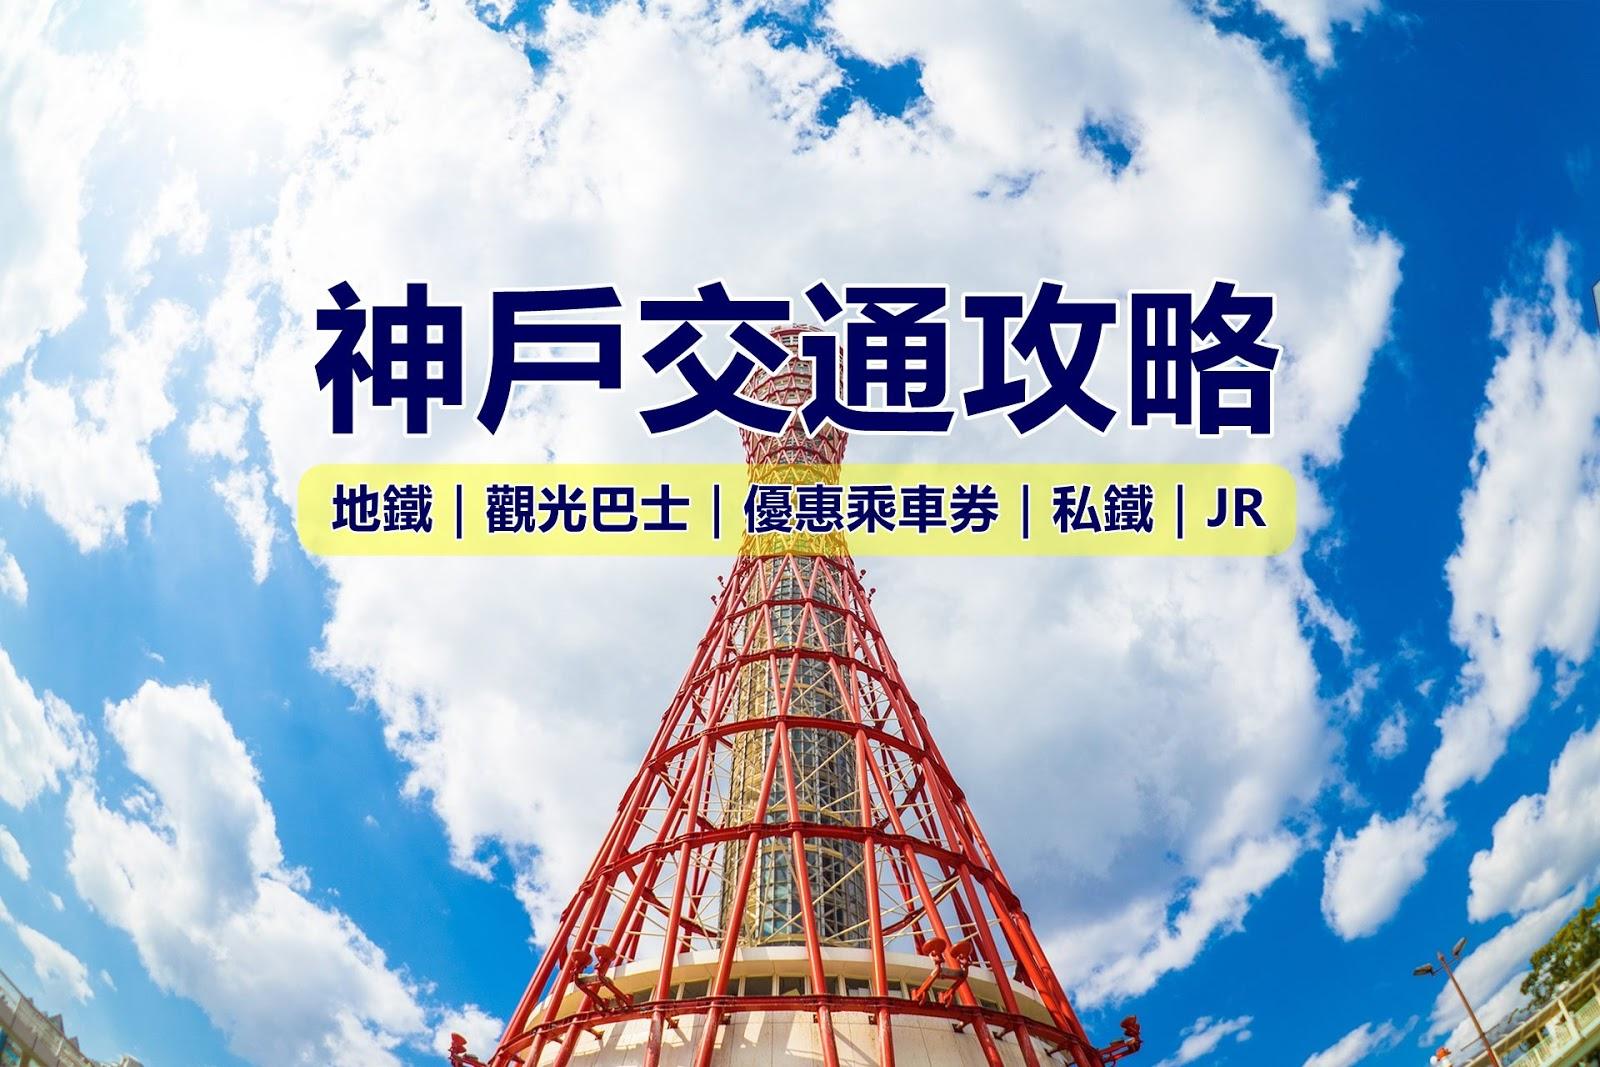 神戶-神戶交通-推薦-優惠券-神戶觀光巴士-神戶公車-神戶地鐵-神戶私鐵-神戶JR-關西-日本-自由行-介紹-神戶交通攻略-Kobe-Public-Transport